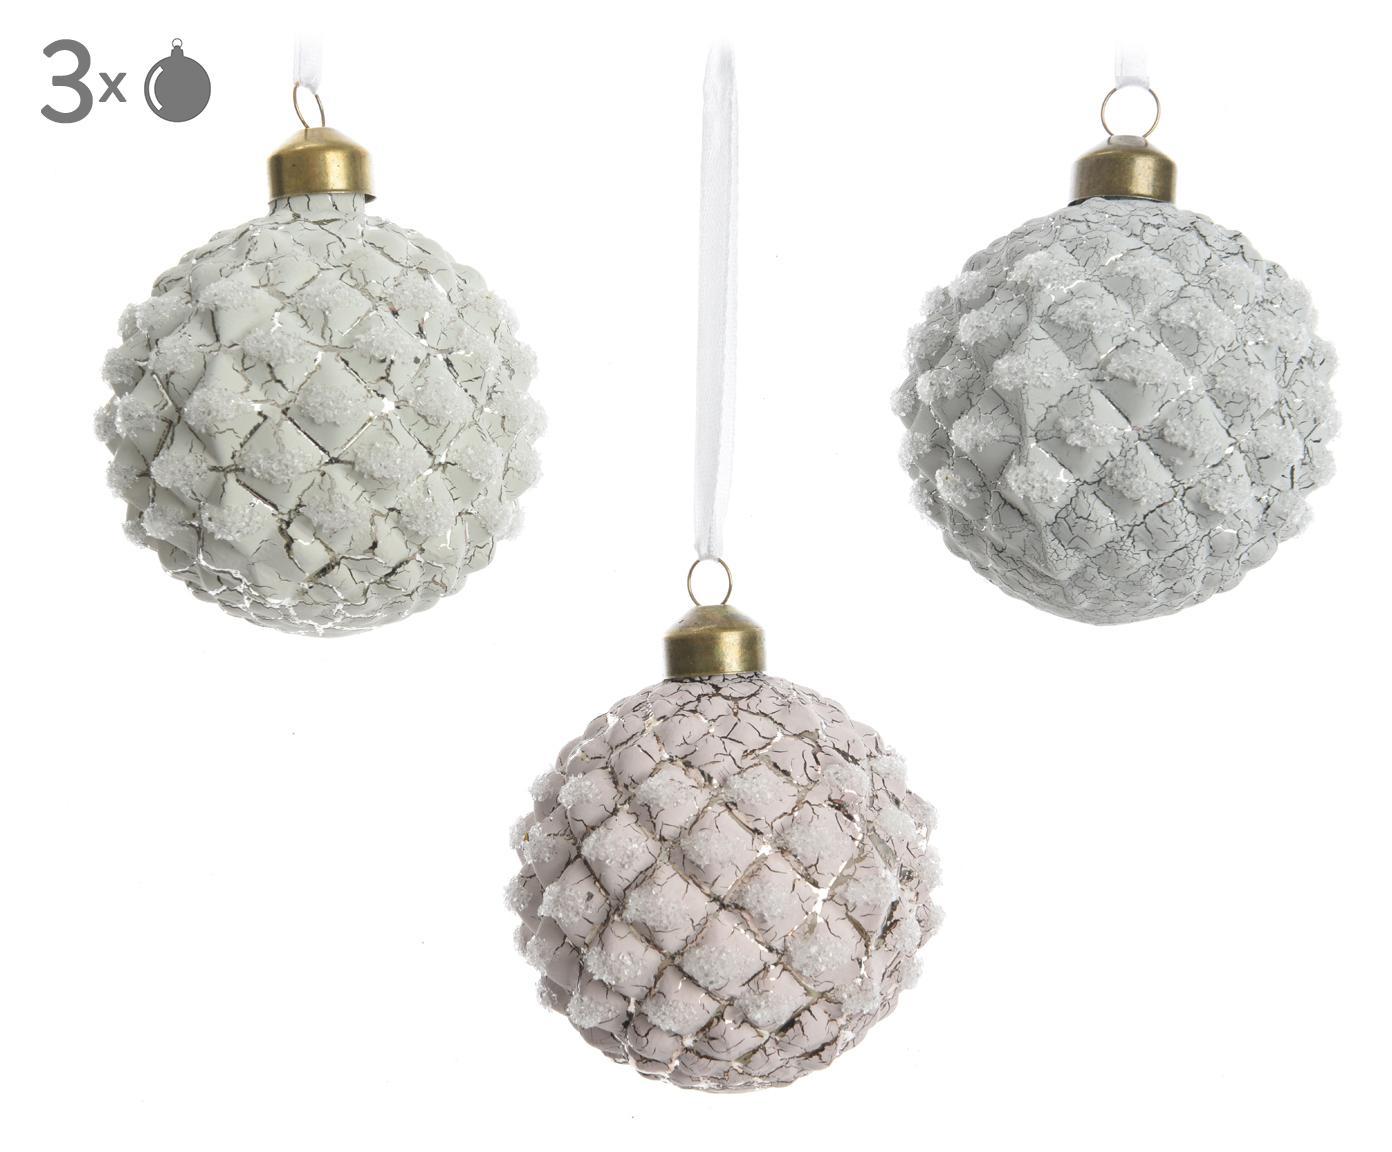 Kerstballenset Crackle, 3-delig, Ophanglus: kunststof, Wit, zilverkleurig, Ø 8 cm